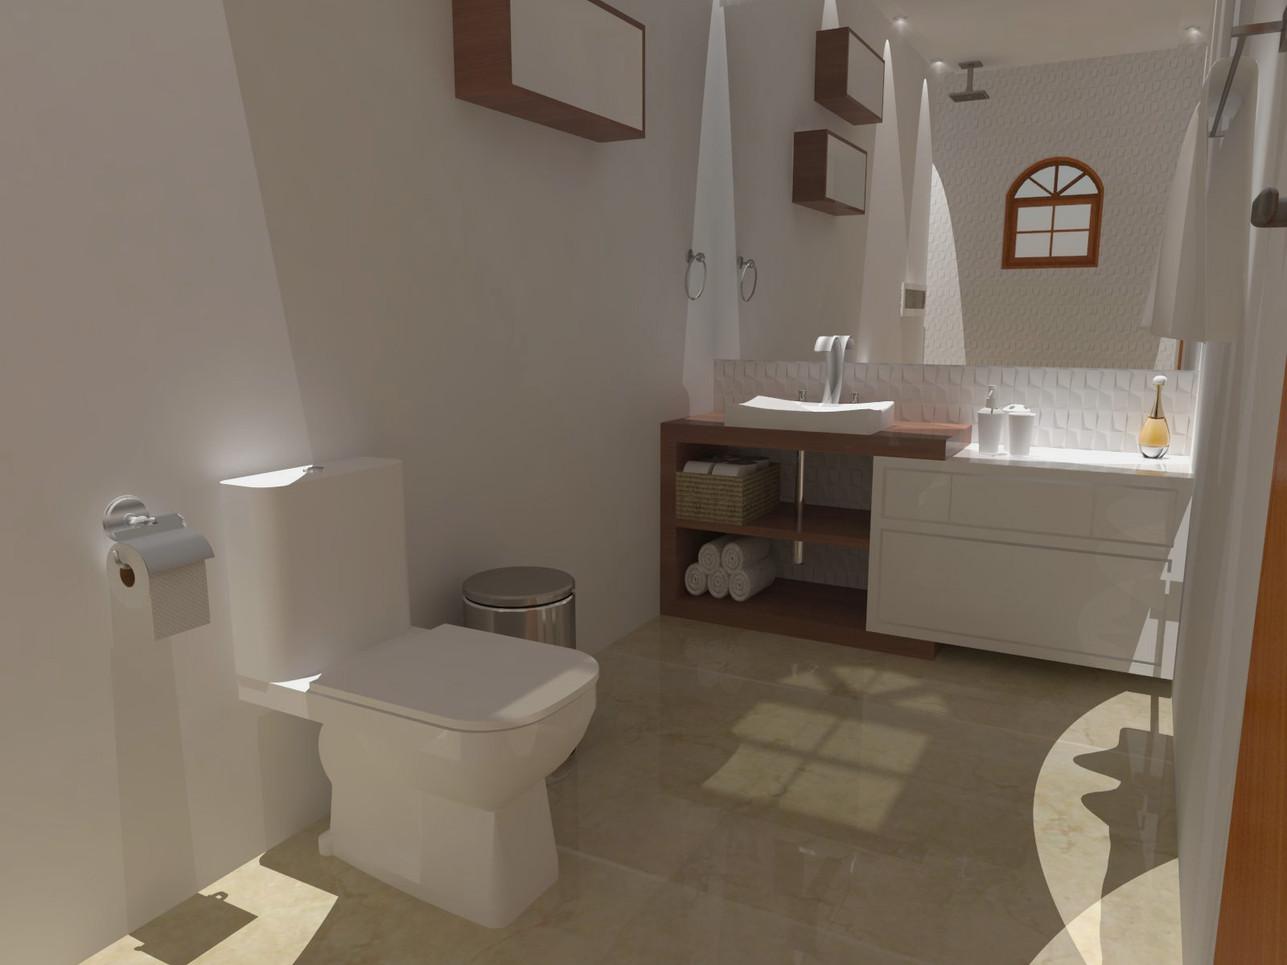 interno banho 1- 1 (1).jpg